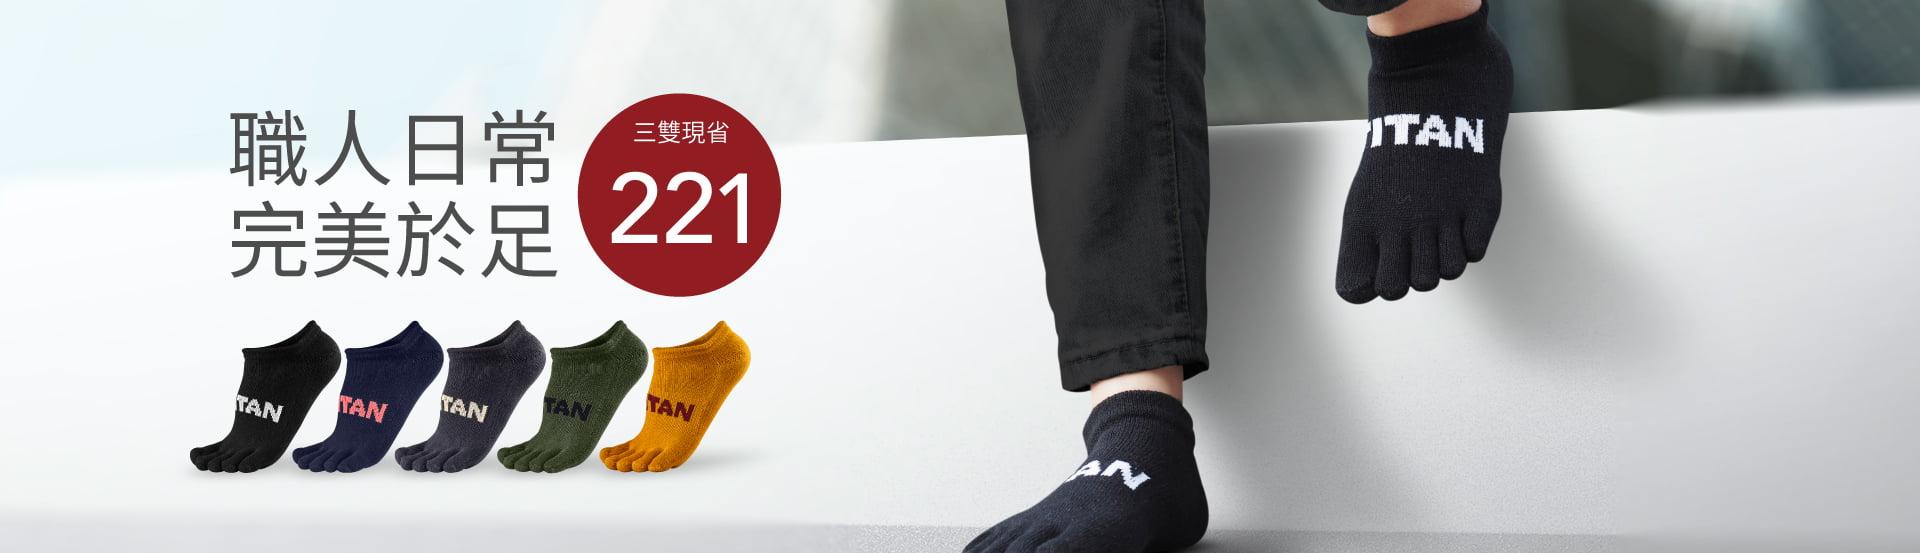 五趾舒壓生活襪 踝型 3雙799